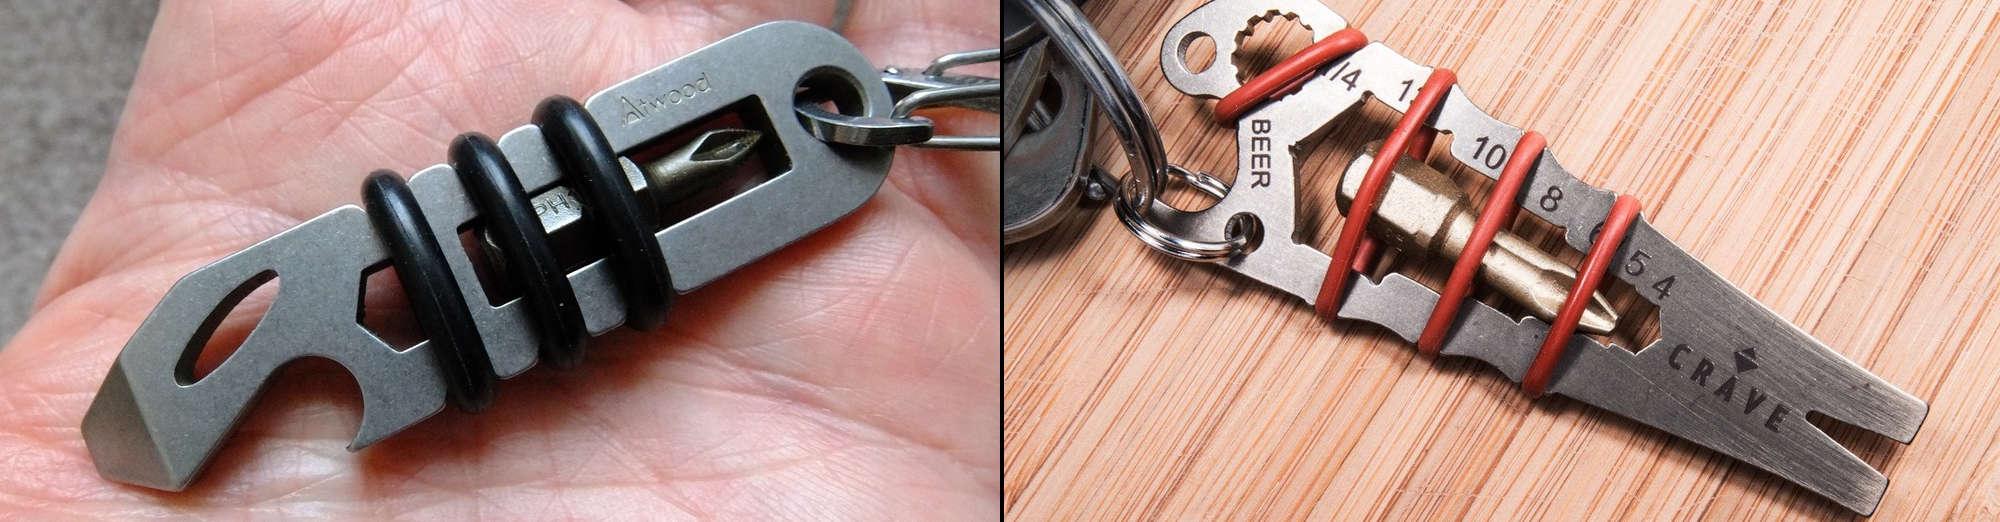 Atwood G1 Superbug – keychain tool